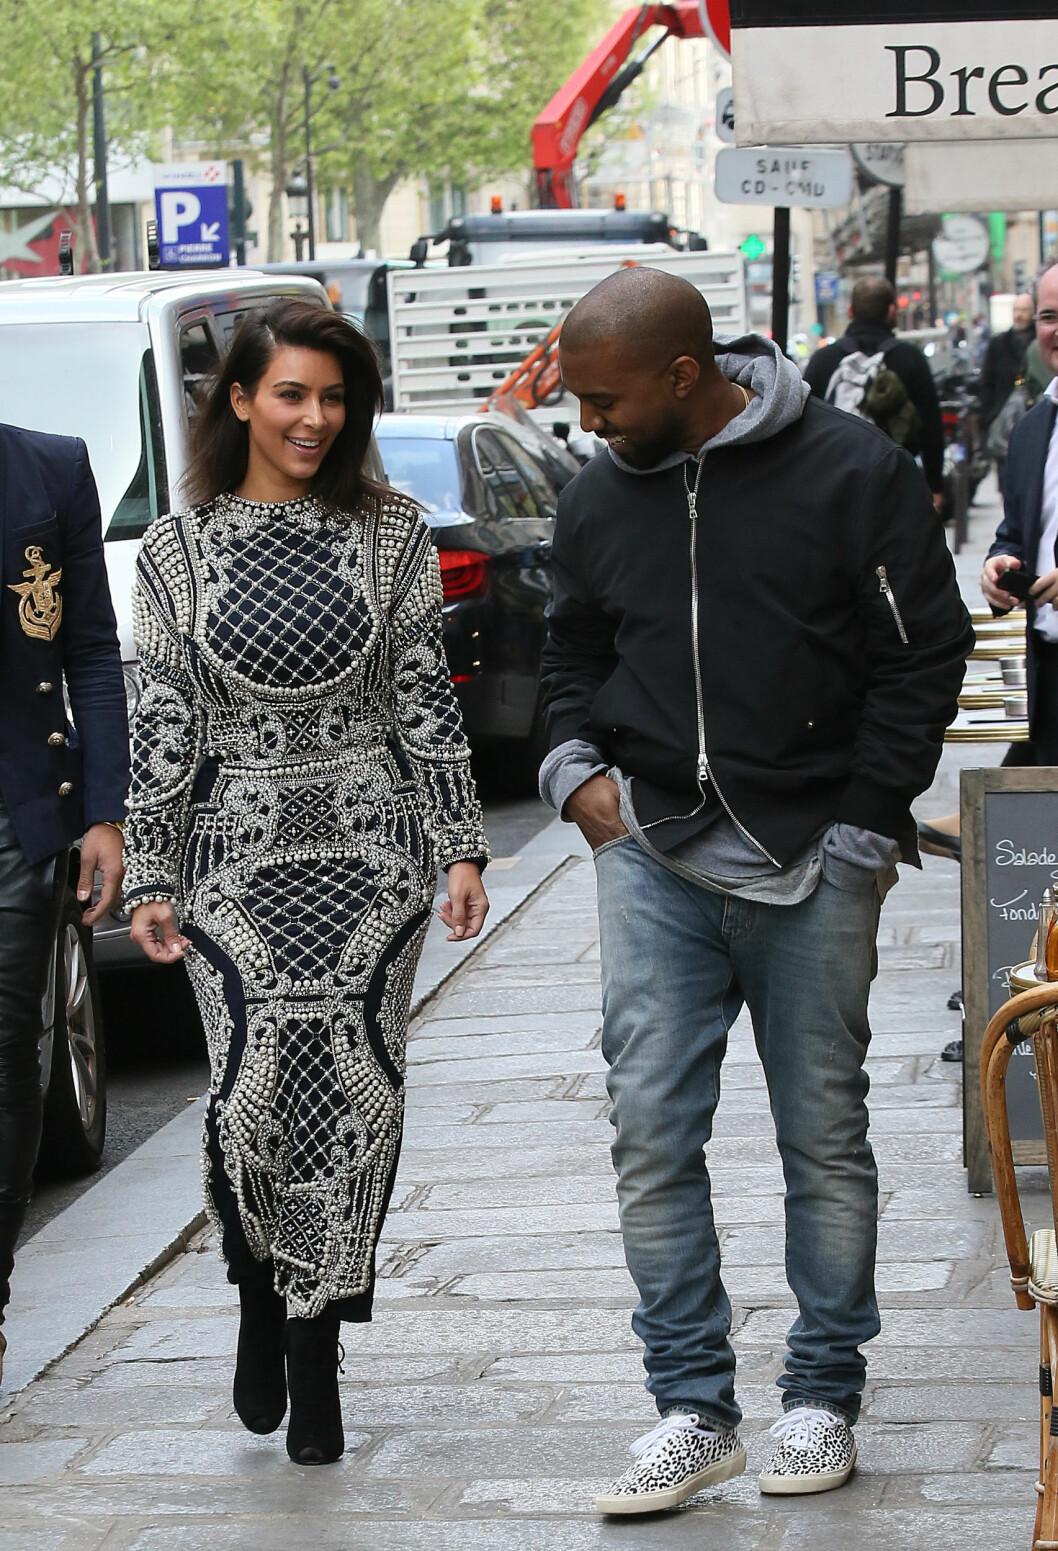 MEKTIG PAR: Kim Kardashian og Kanye West ser ut til å bli enten elsket eller hatet verden over. Nå gjenstår det å se om 2015 blir nok et suksessår for Kim og ektemannen. Her er de avbildet sammen på luksusshopping i Paris i april 2014. Foto: Stella Pictures